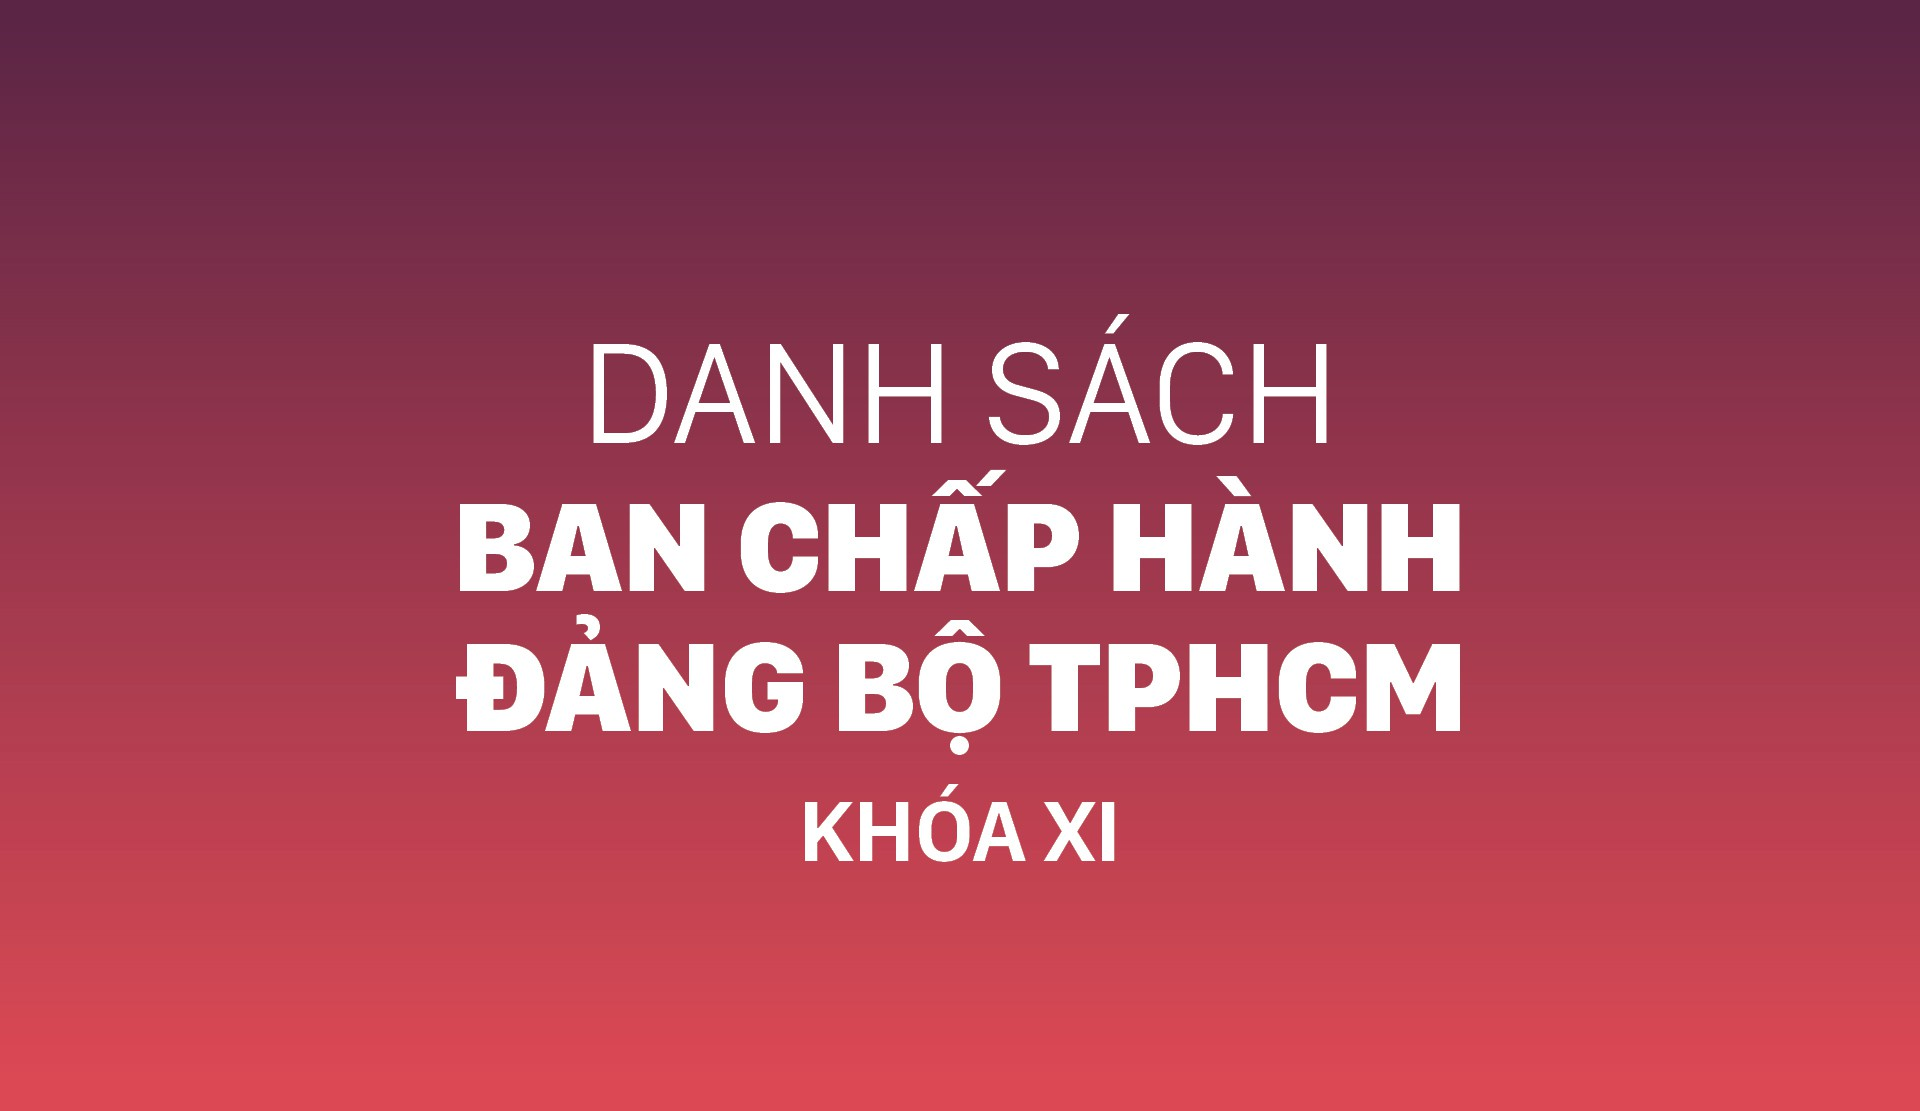 Công bố danh sách Ban Chấp hành Đảng bộ TPHCM khóa XI, nhiệm kỳ 2020-2025